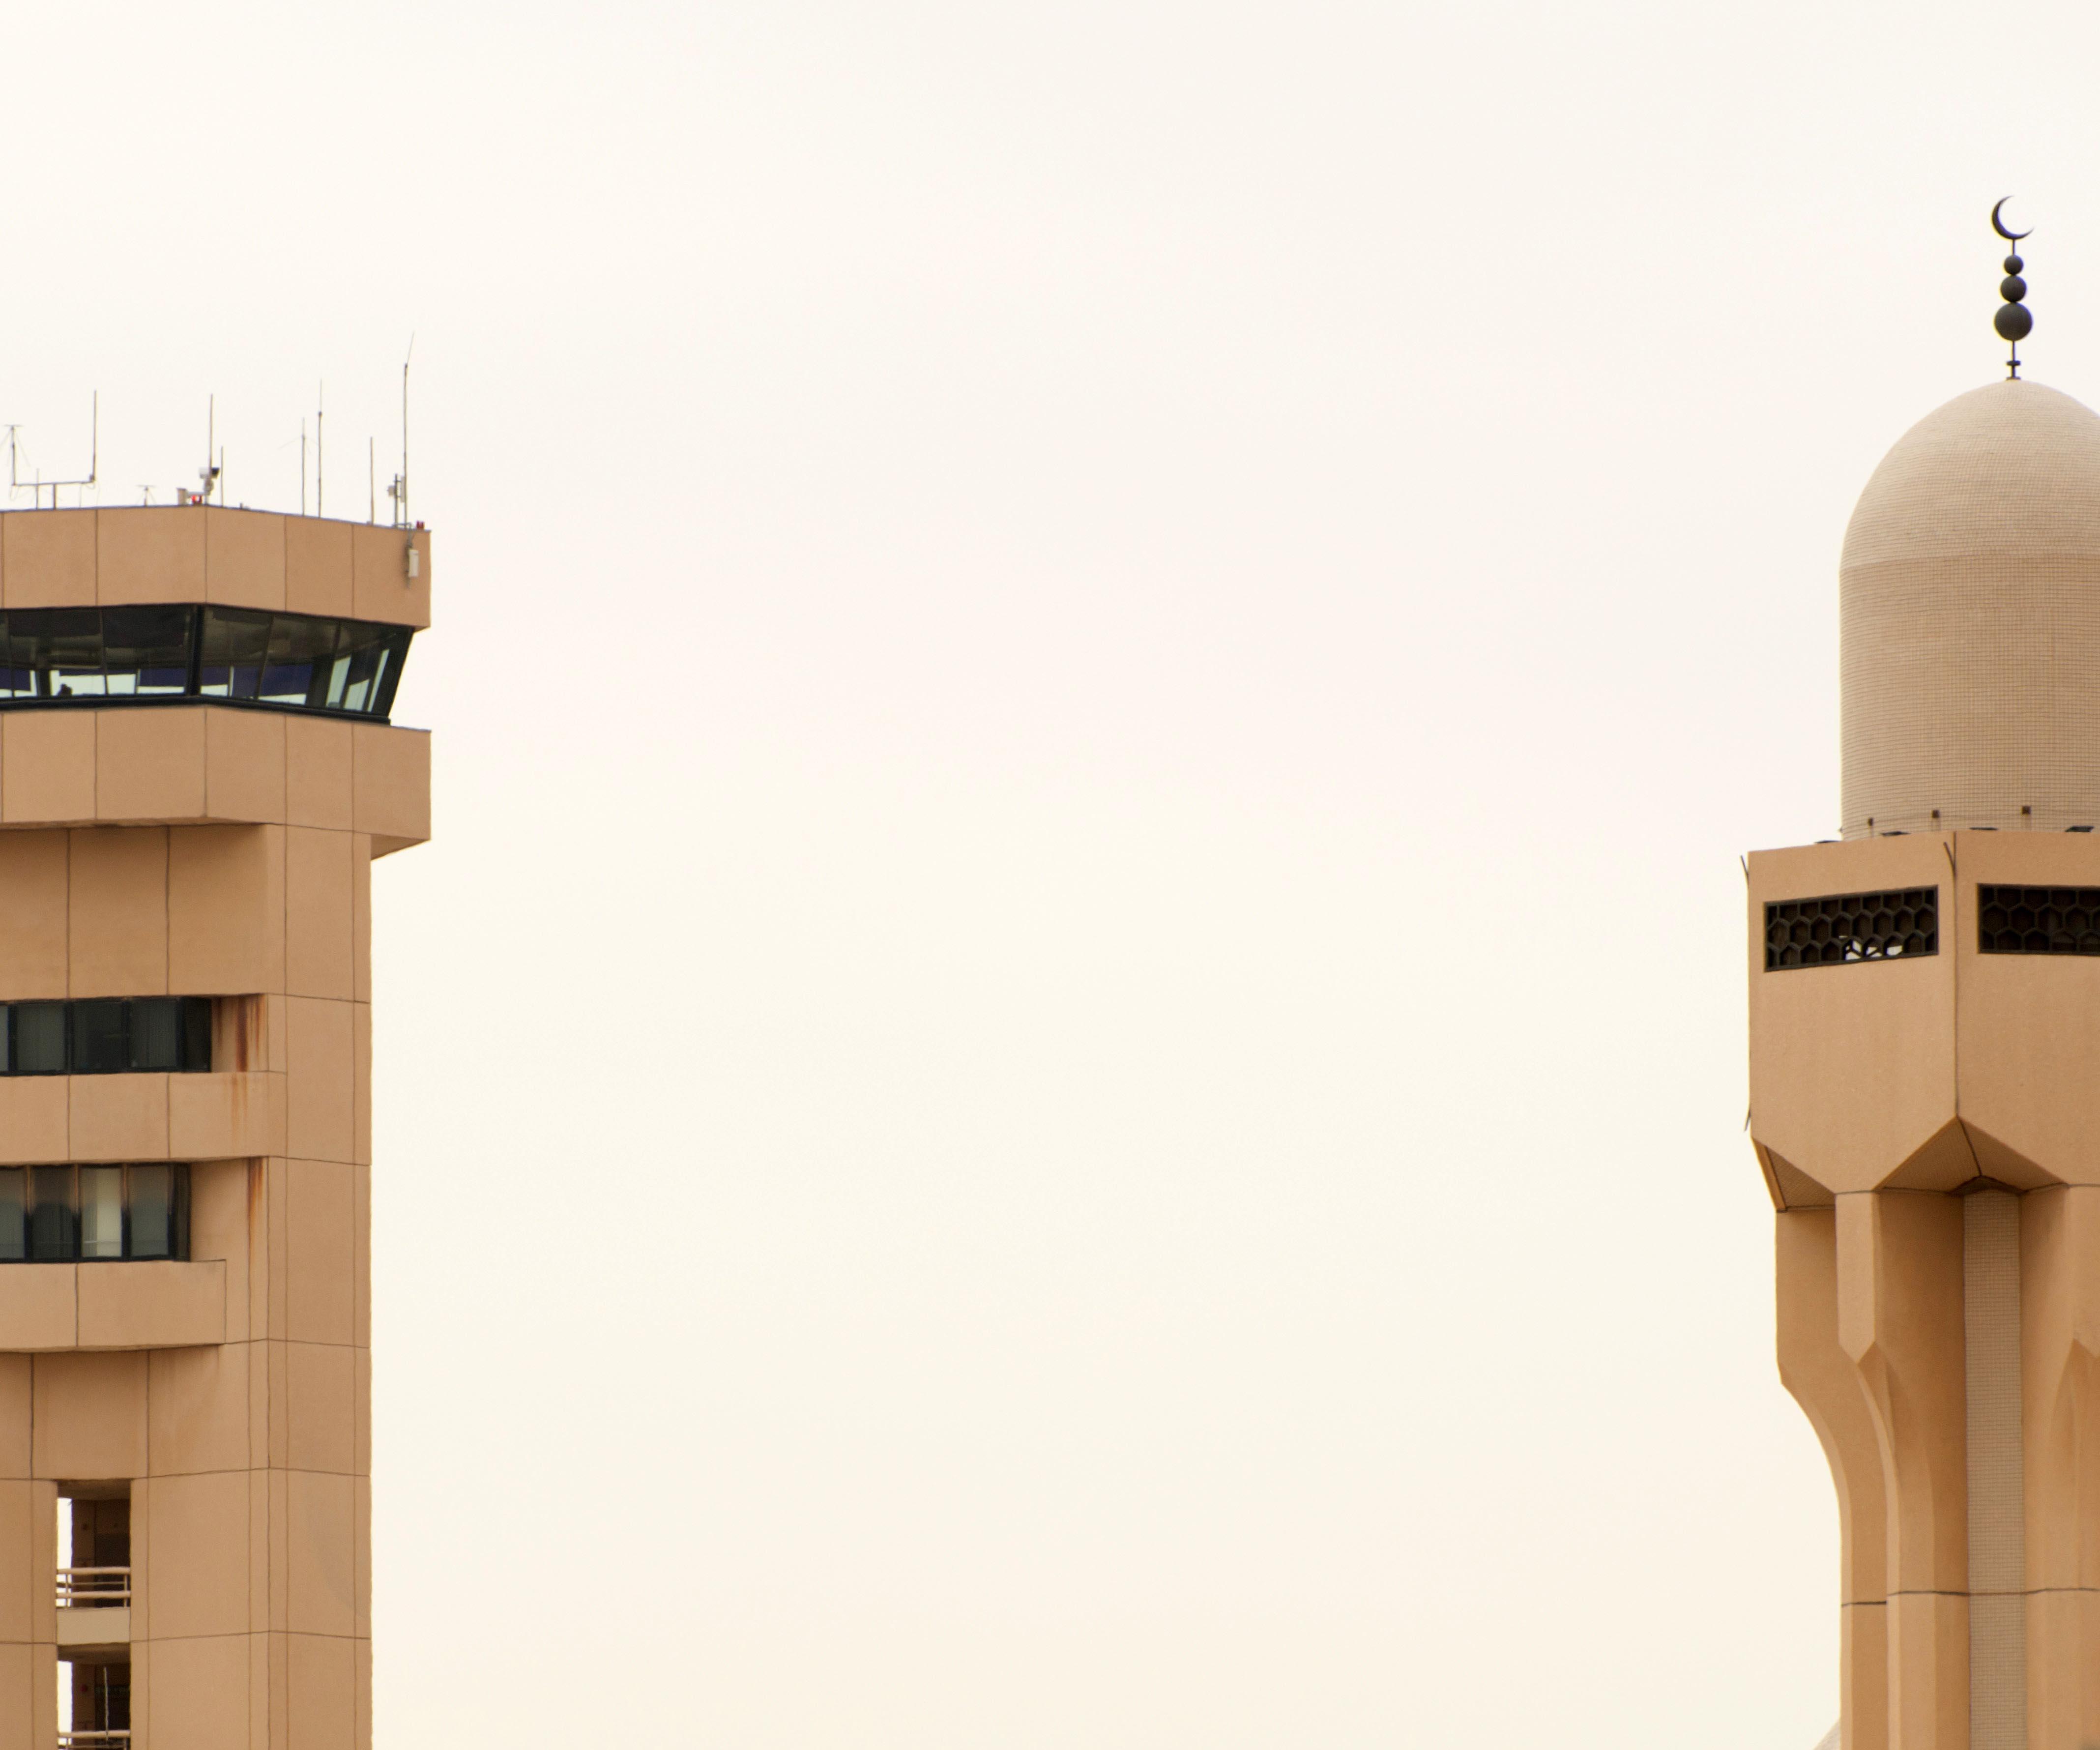 Мечеть и вышка АТС в Рияде